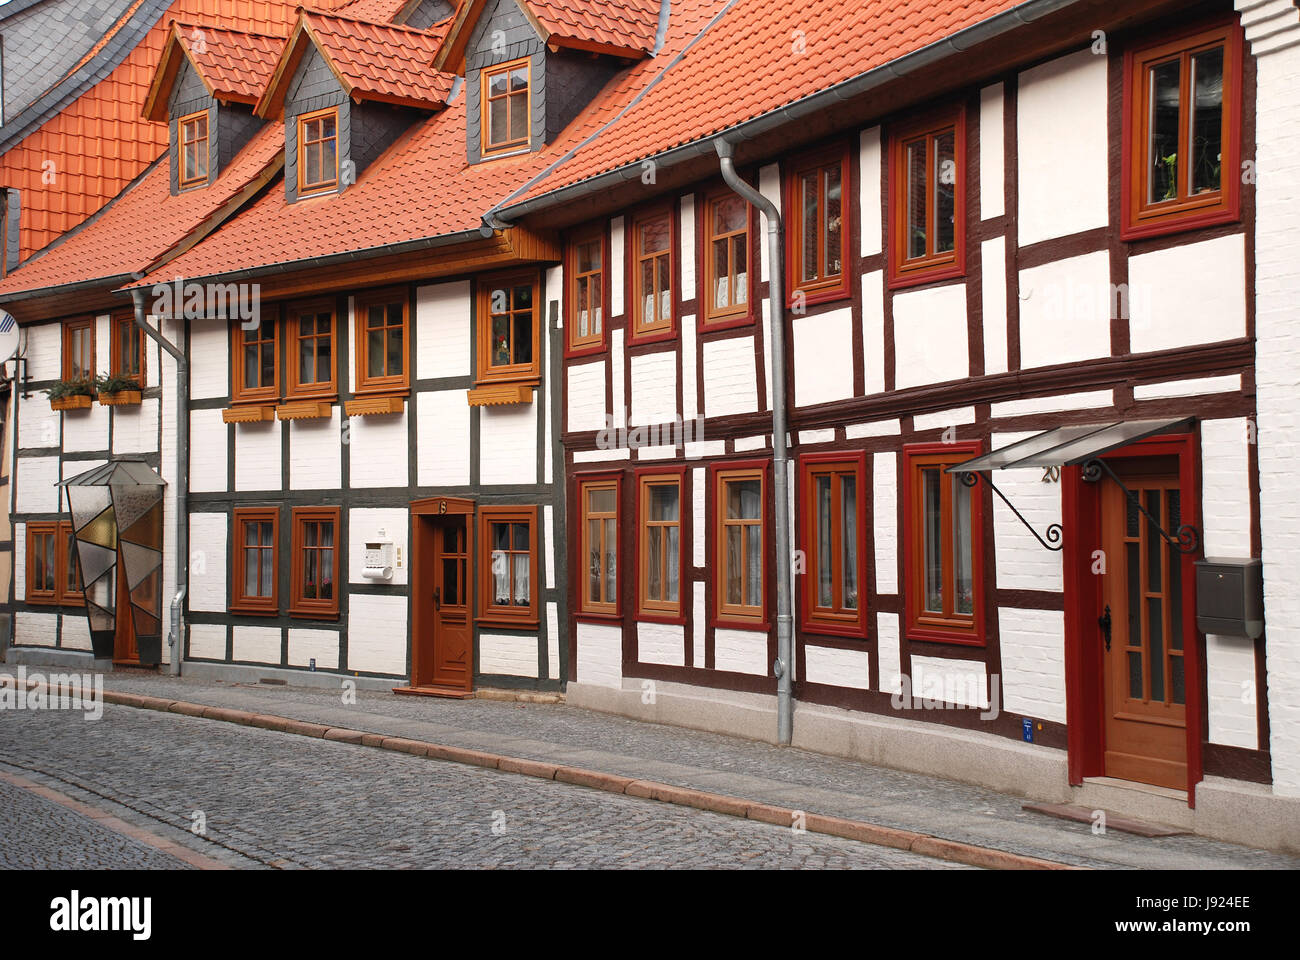 Haus, Gebäude, bauen, historisch, Stadt, Stadt, Altstadt ...